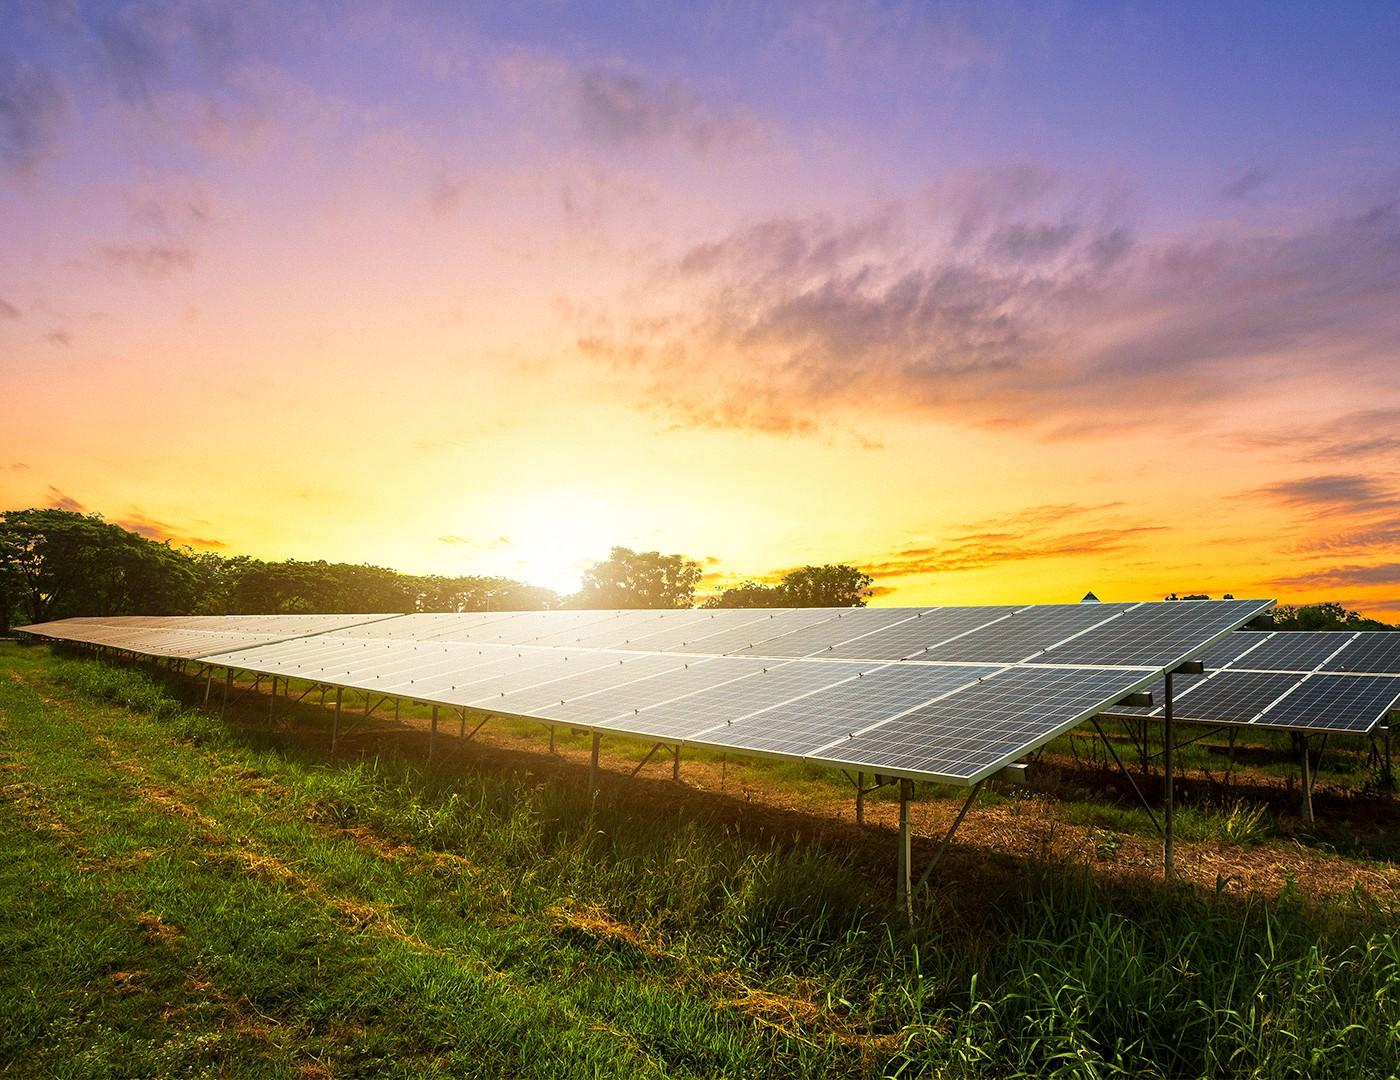 Agricultores Paranaenses Poderão Financiar Energia Solar a Juro Zero